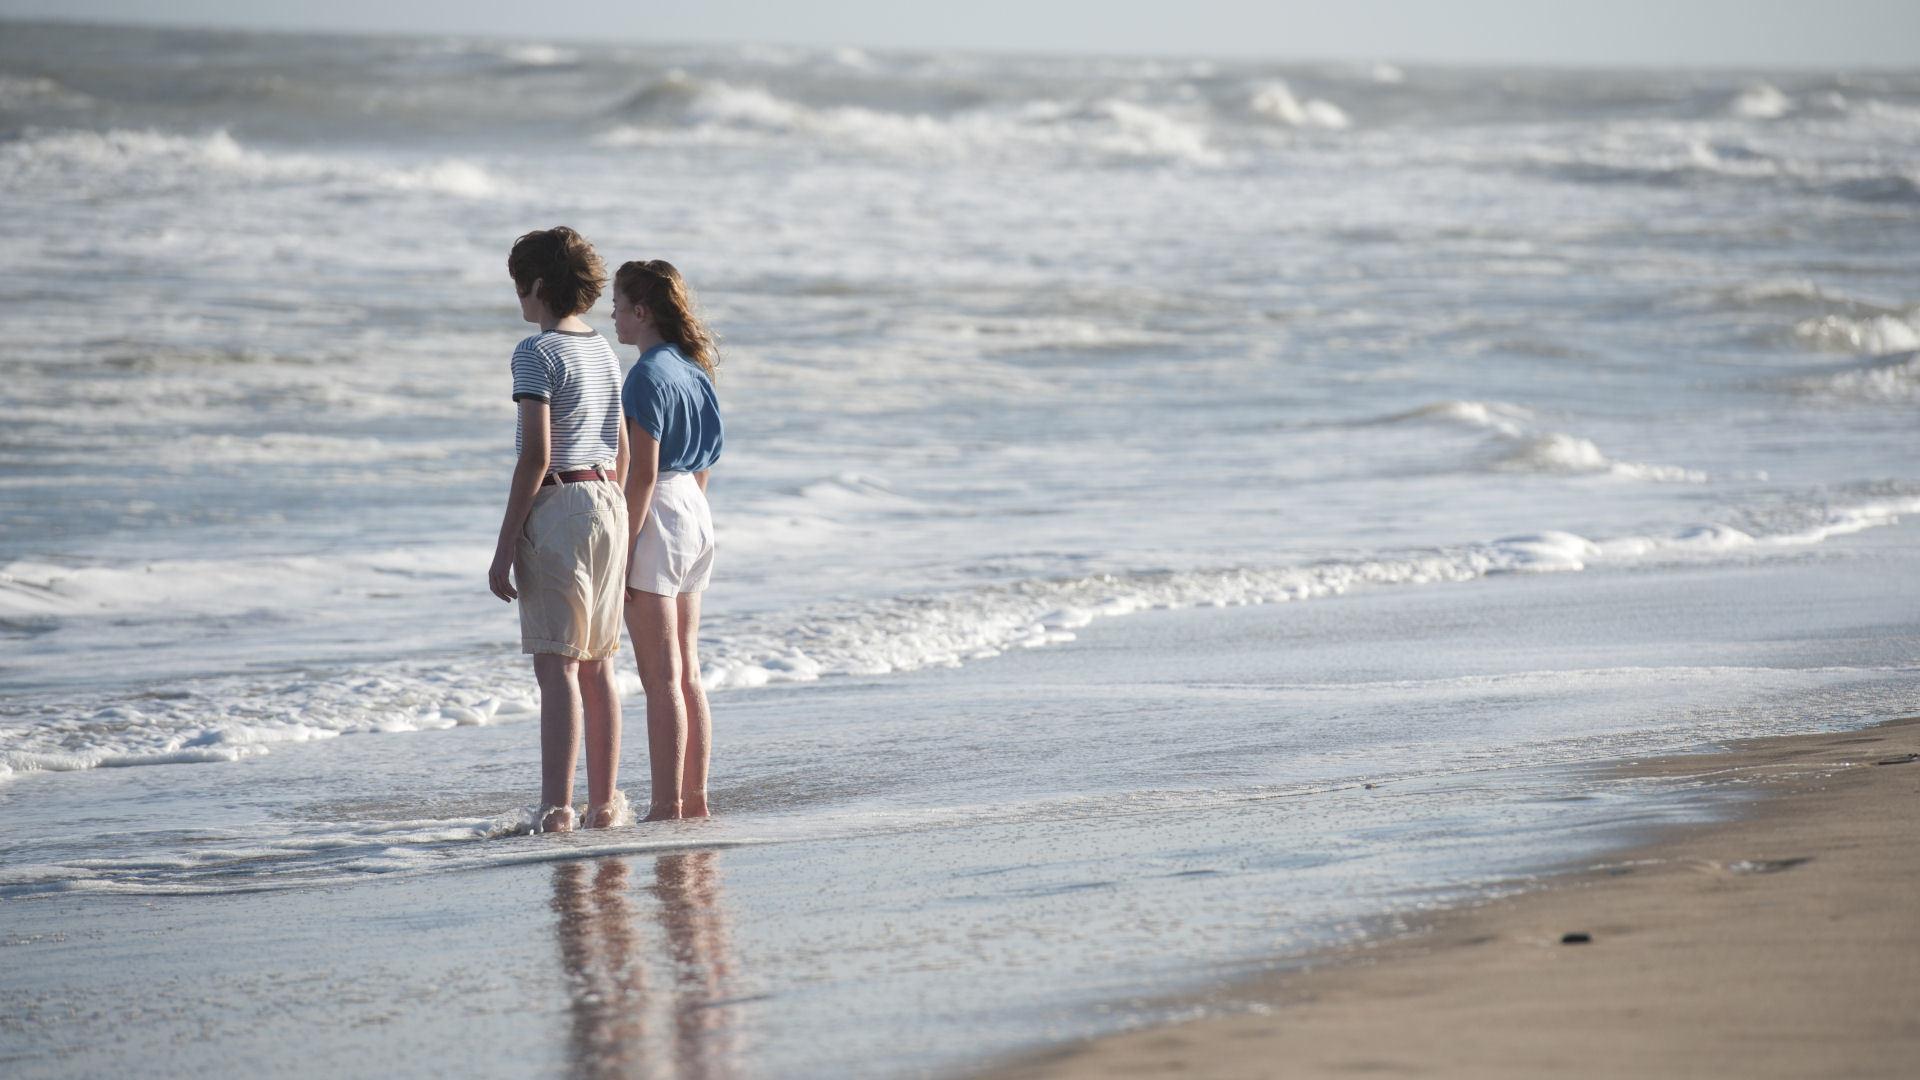 Sea watch wedding